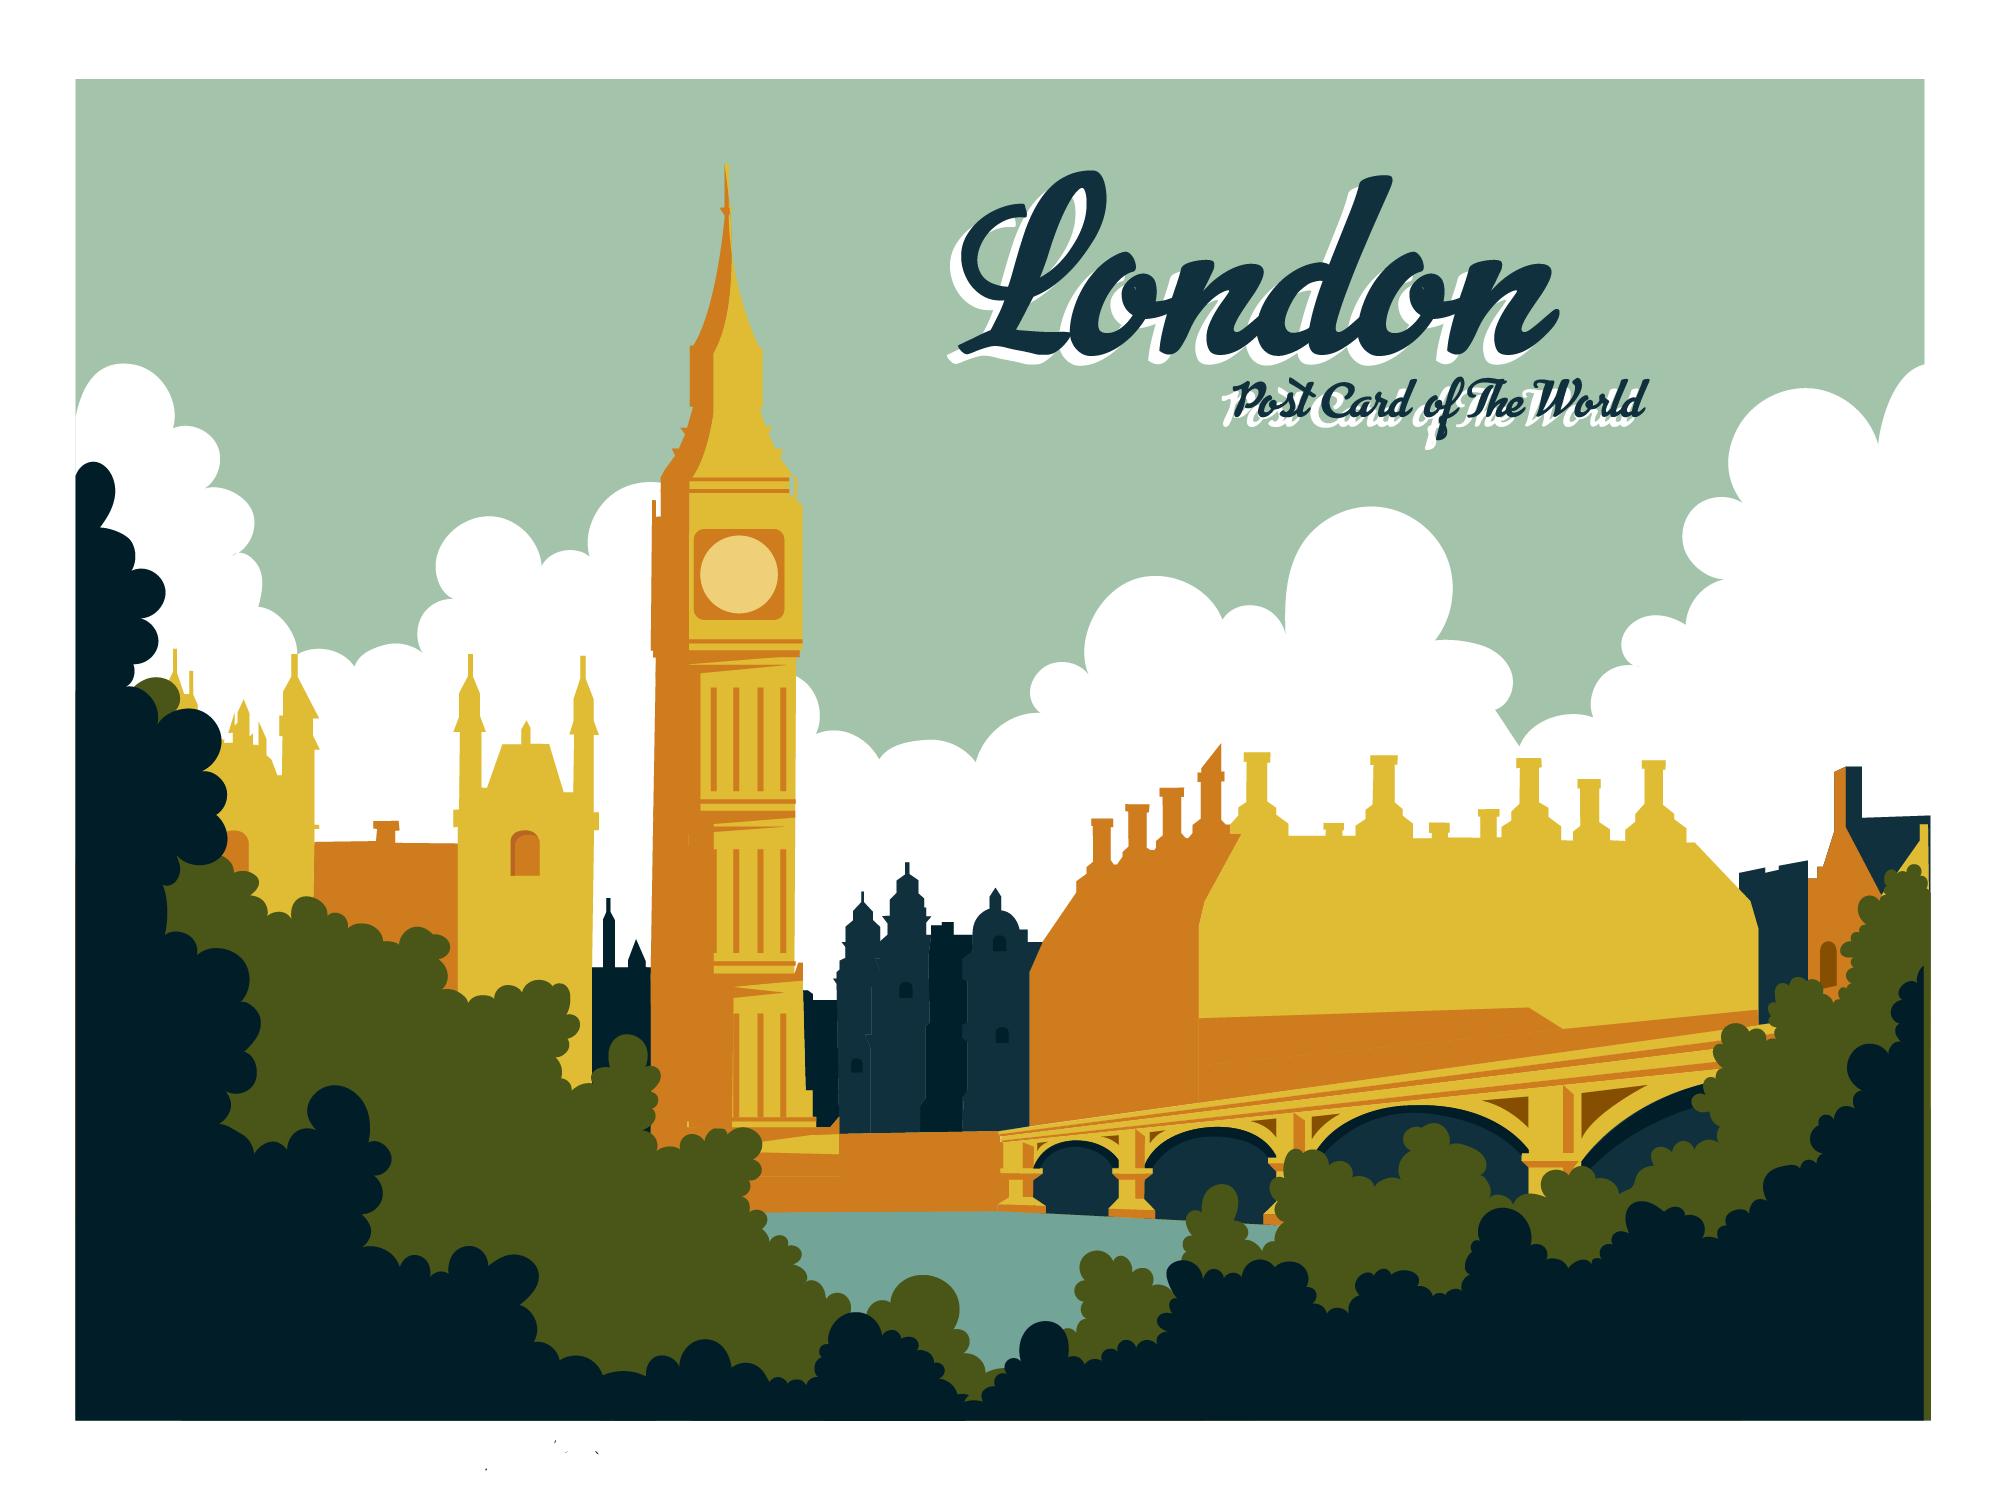 Postcard clipart postcard london. Vector vecteezy mention site